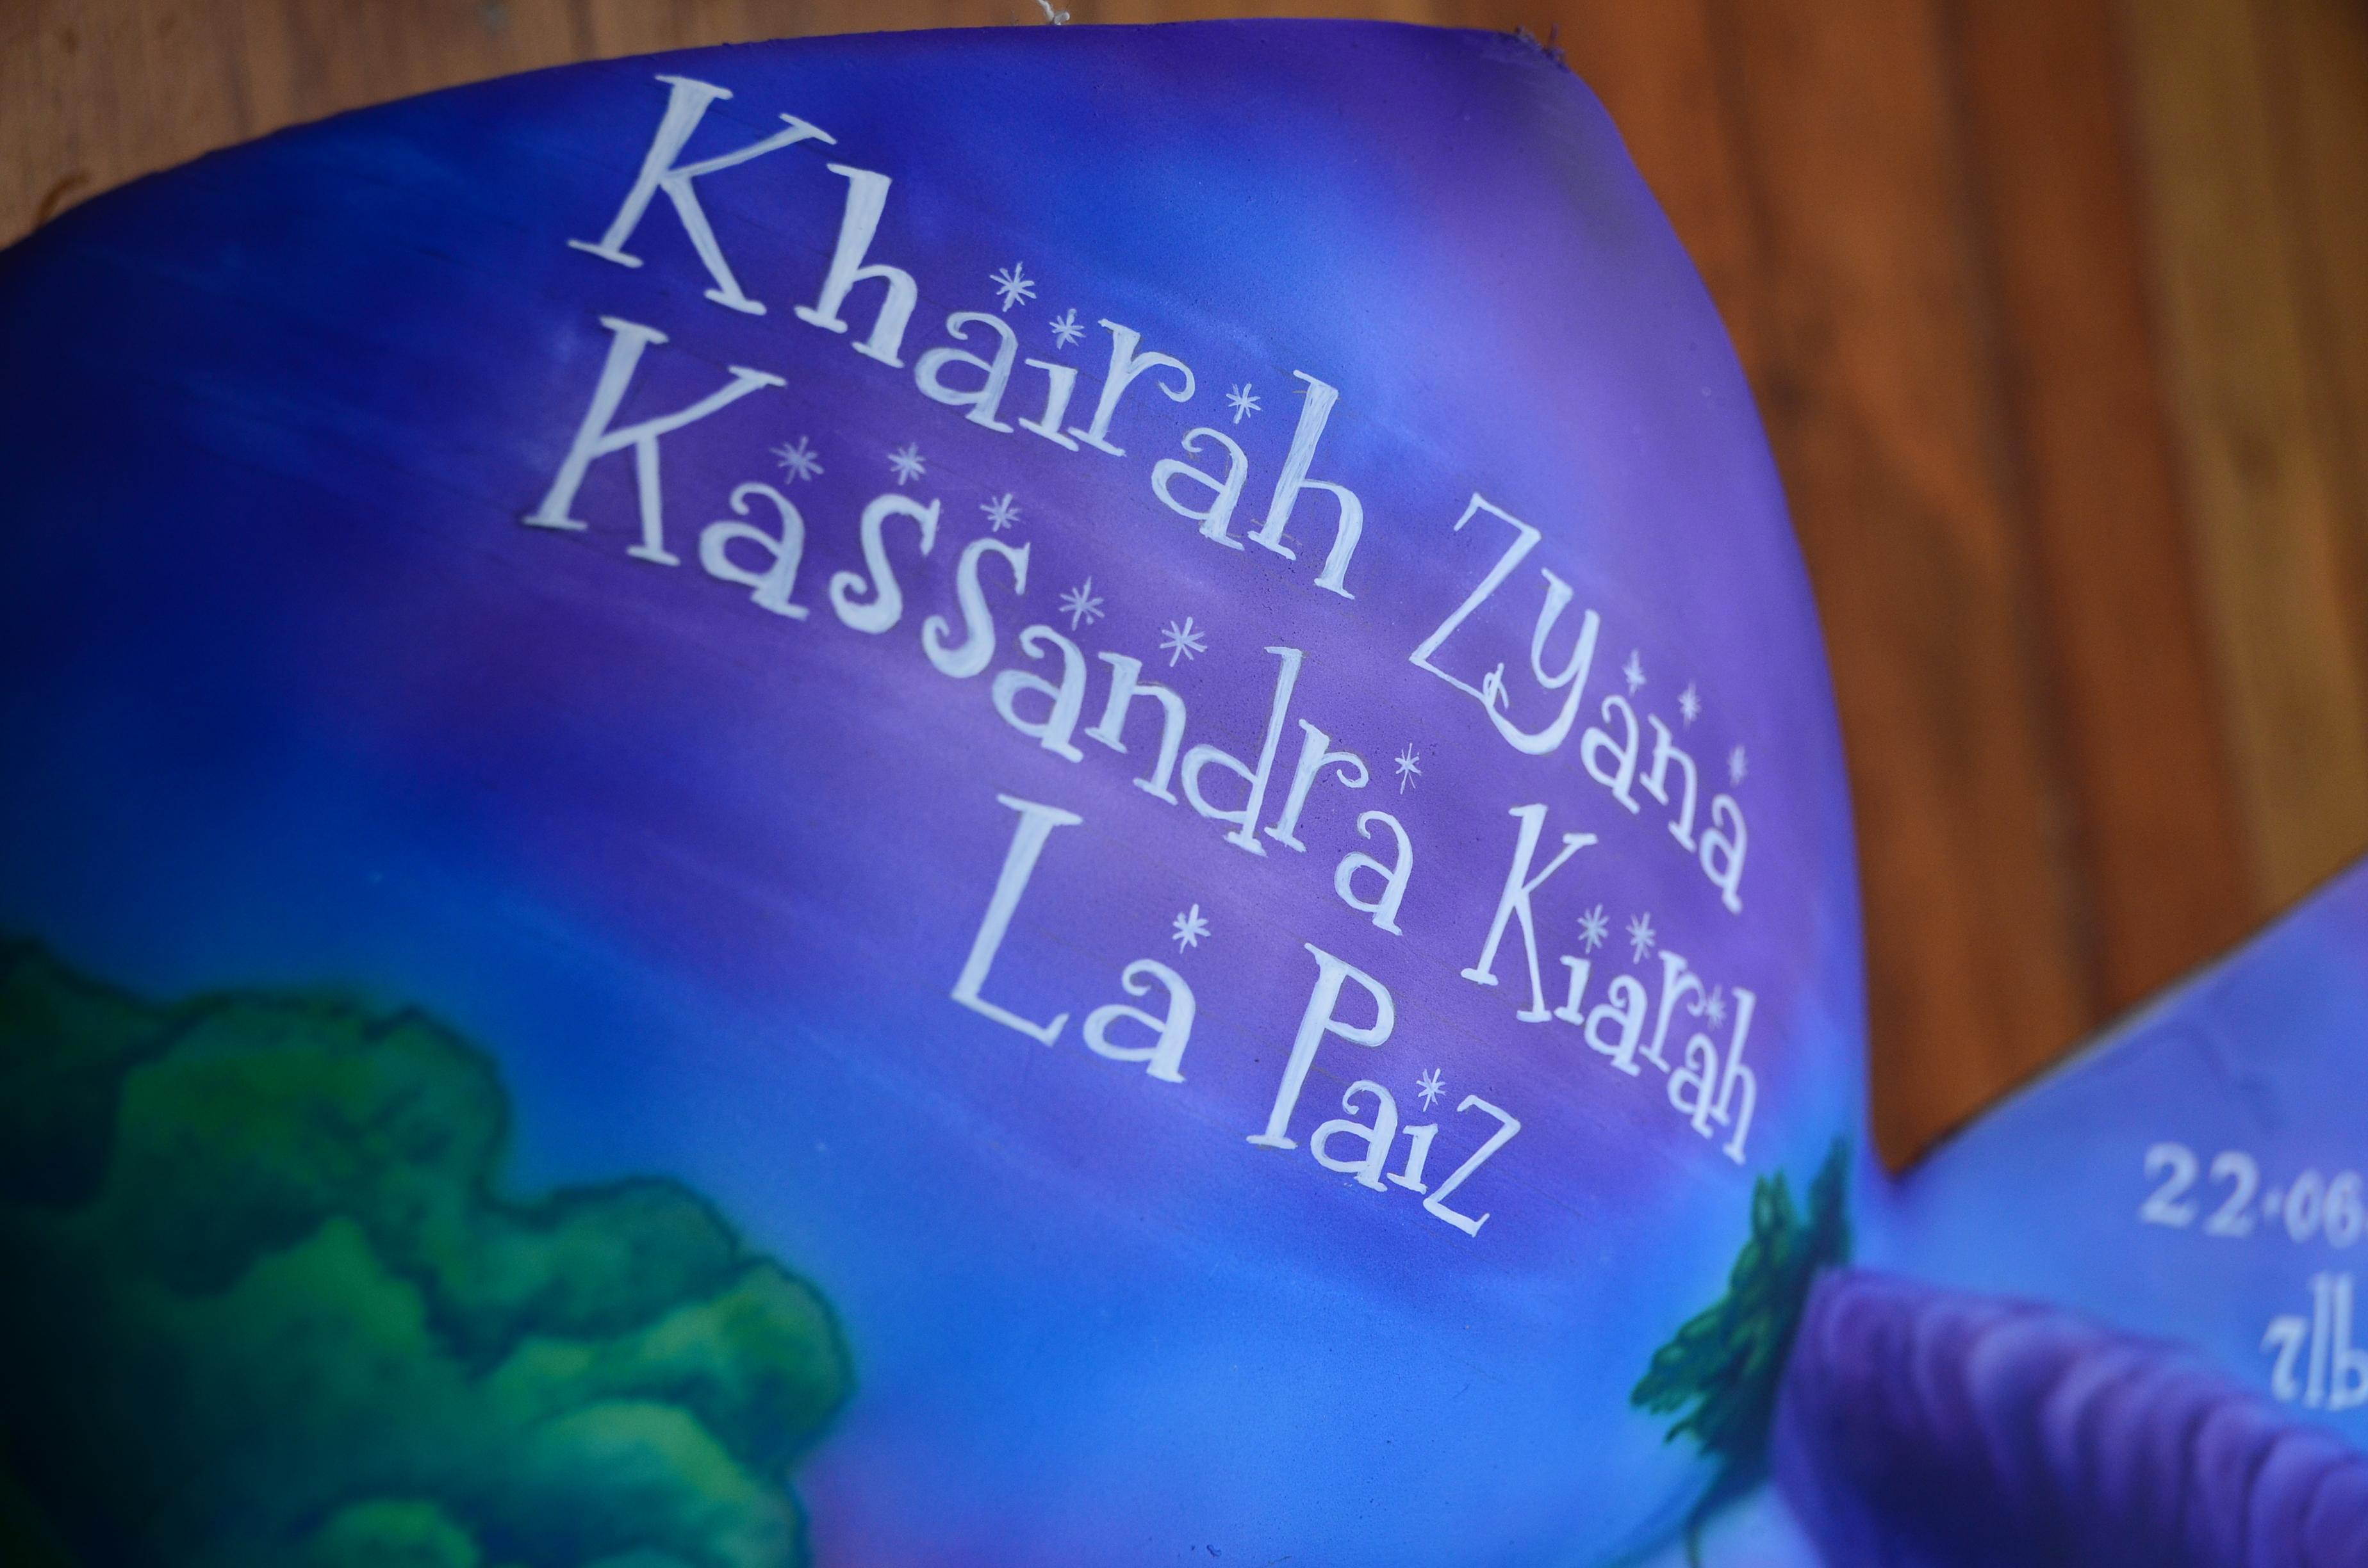 Baby's name hand written.